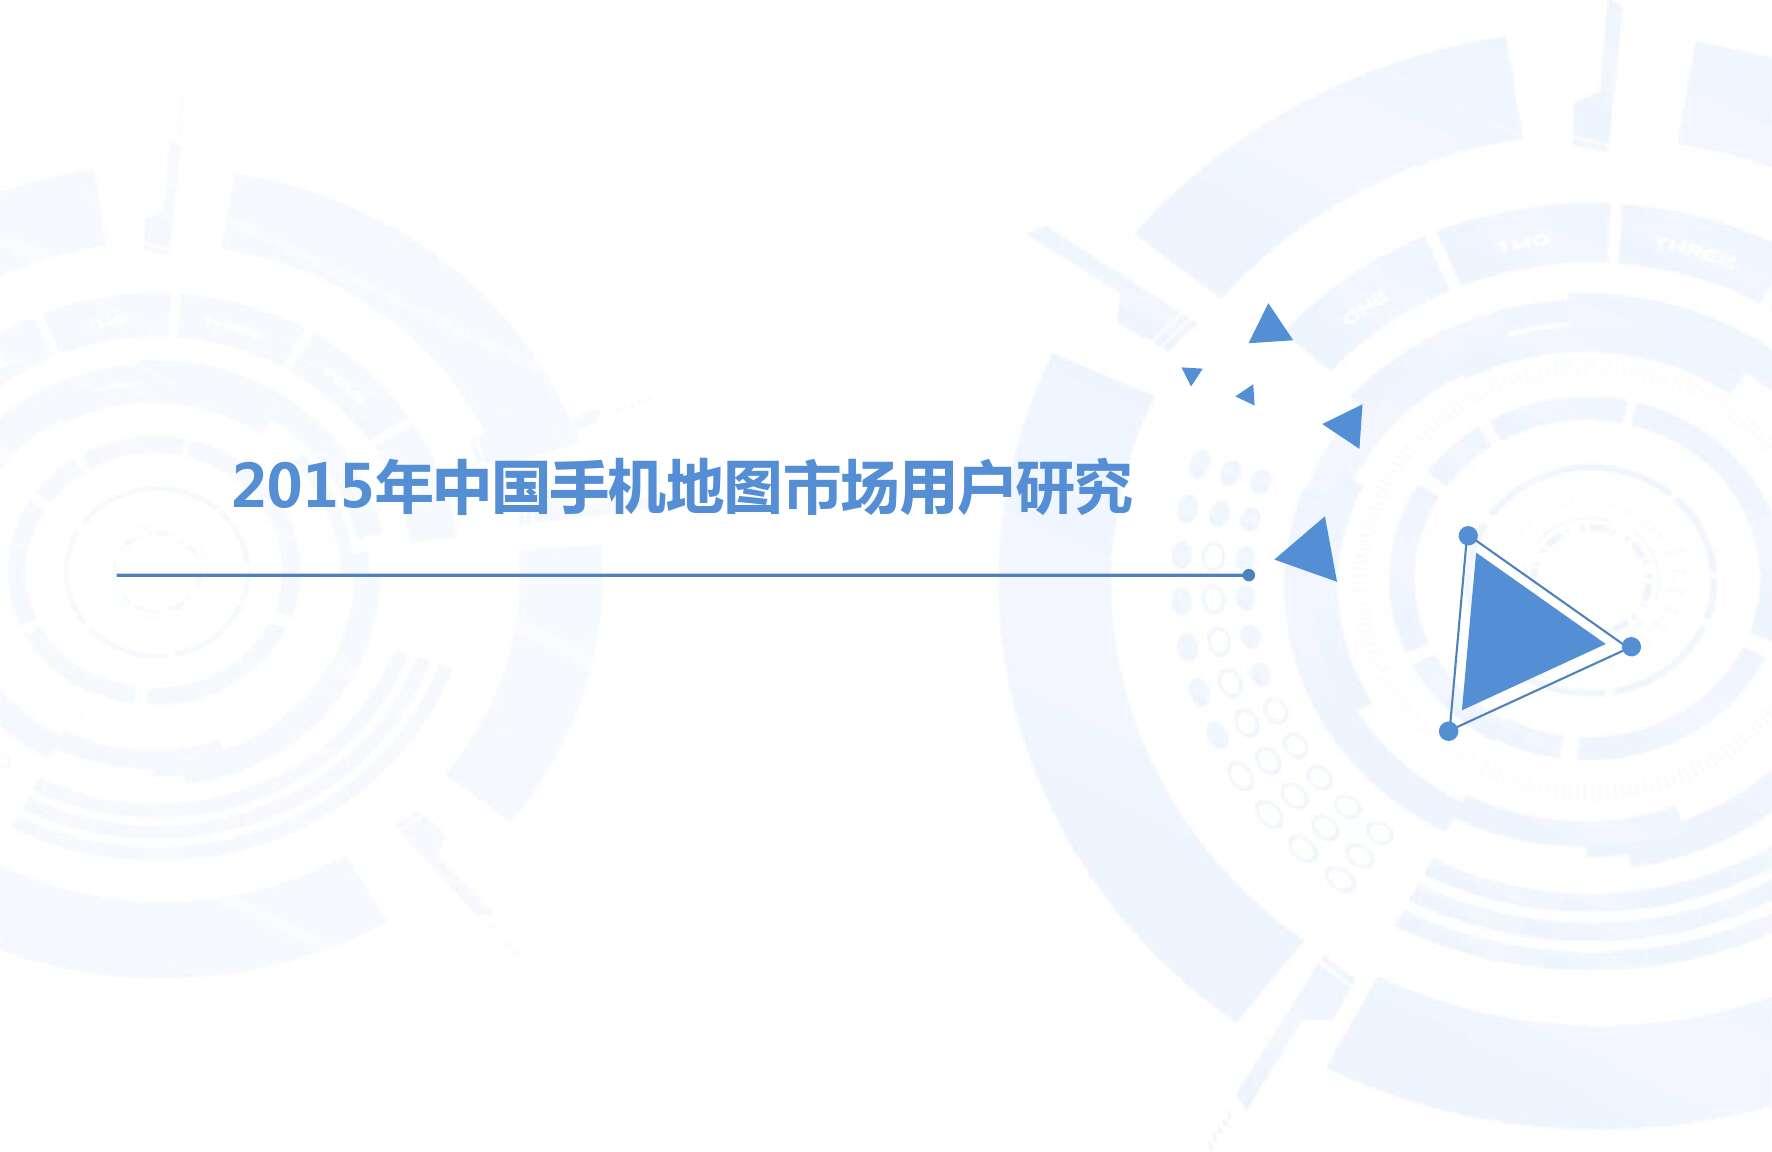 2015-2016年中国手机地图市场研究_000011